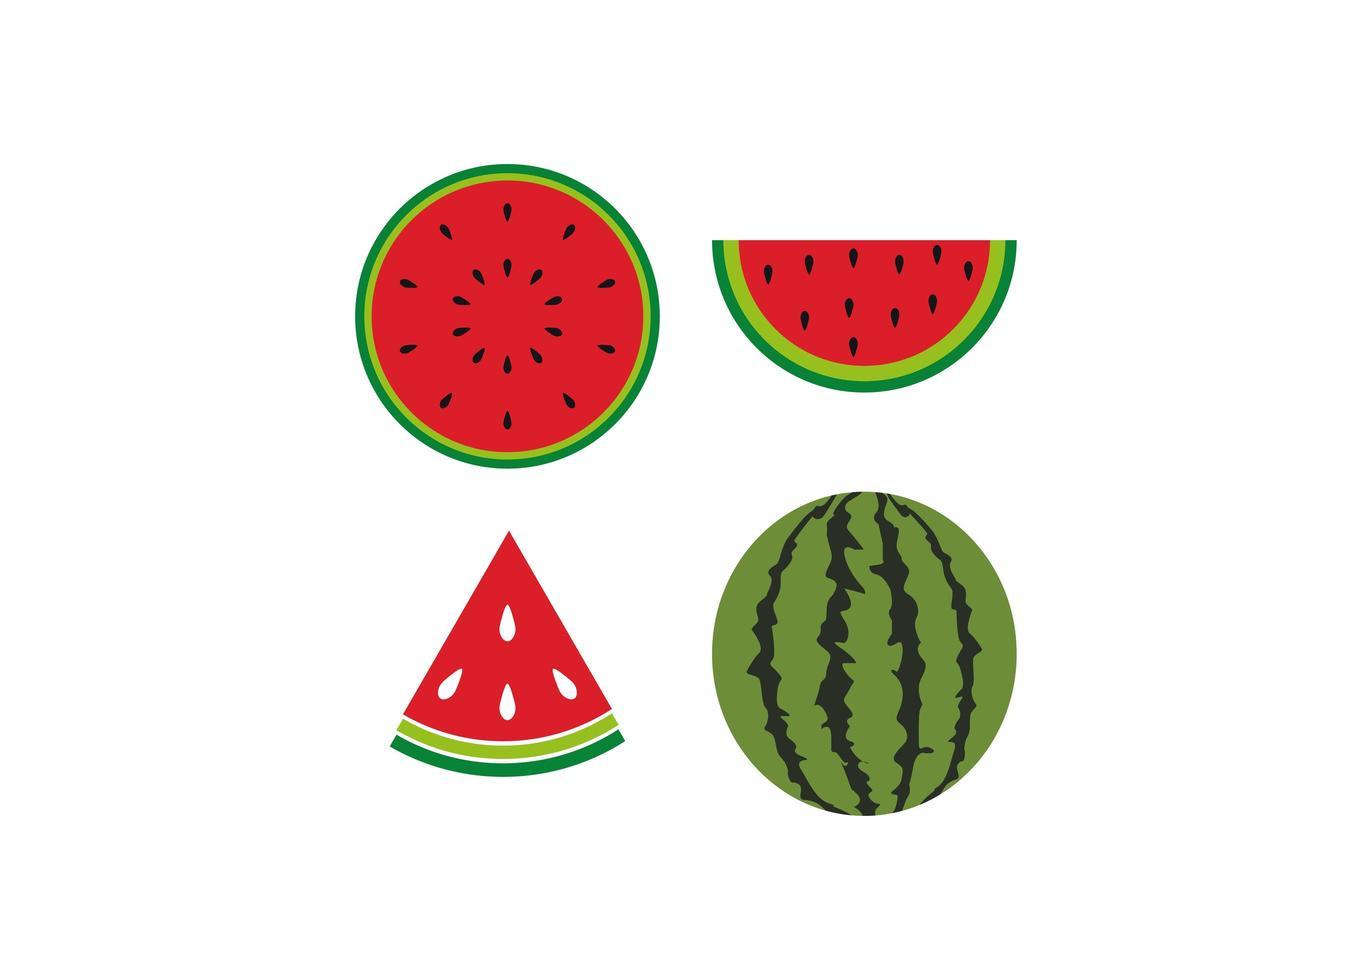 watermeloen pictogram ontwerpset vector